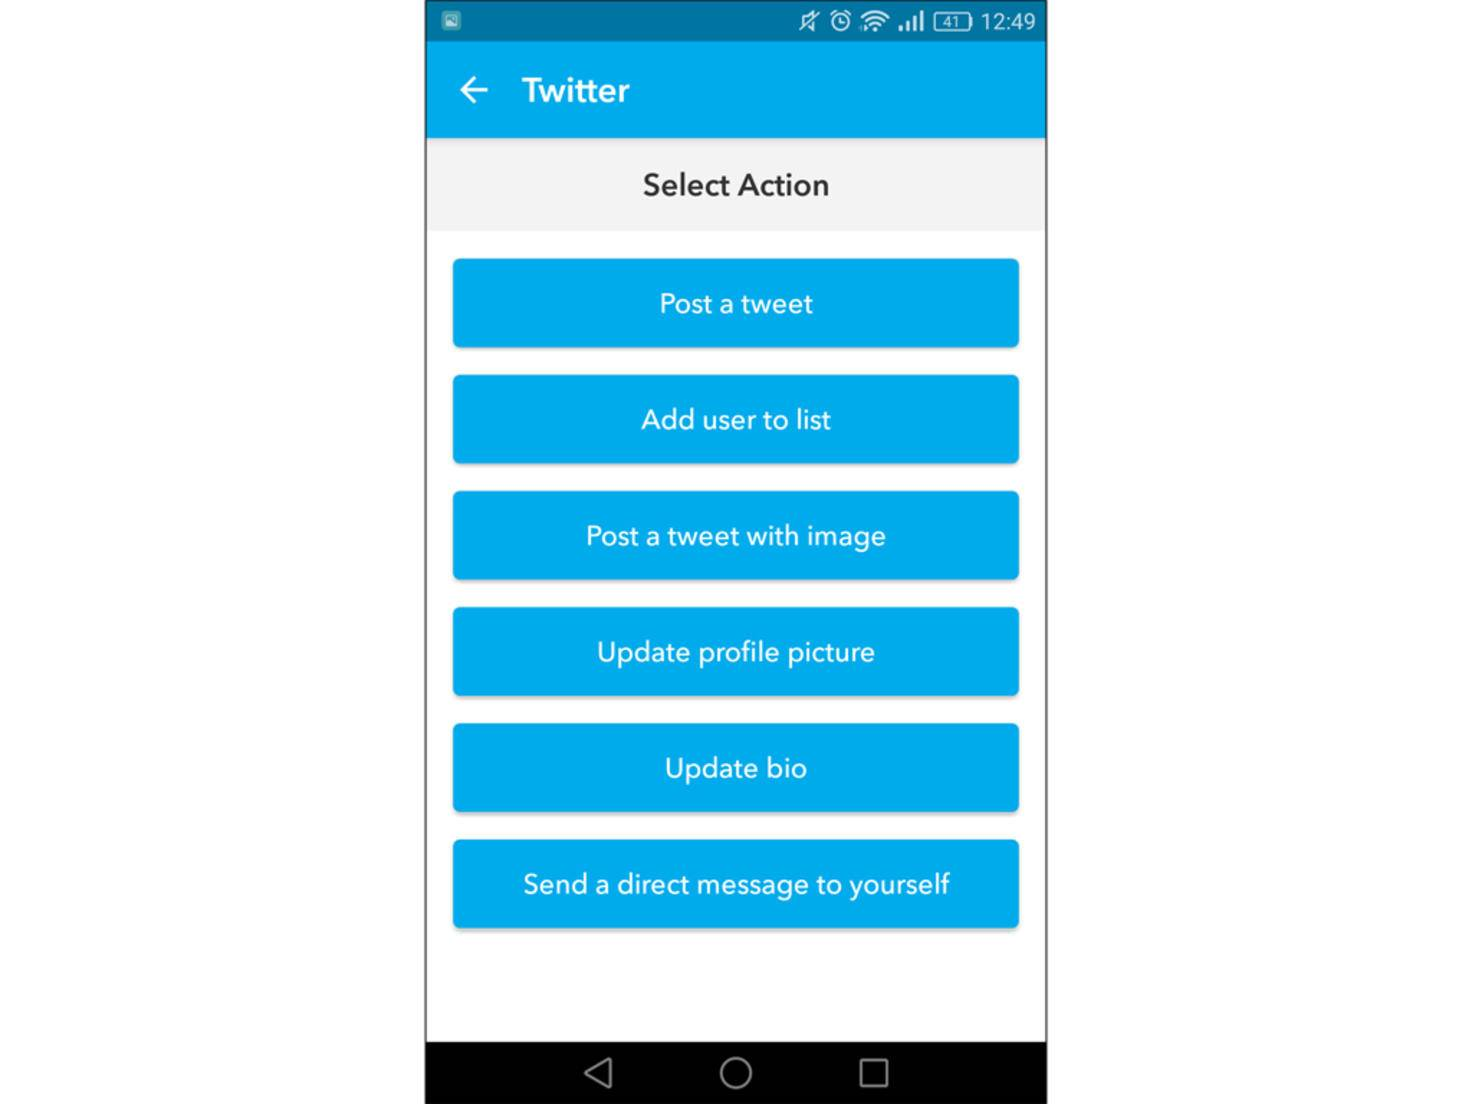 """Wählst Du als Aktion """"Update profile picture"""" ändert sich Dein Twitter-Profilbild immer analog zu dem bei Facebook."""